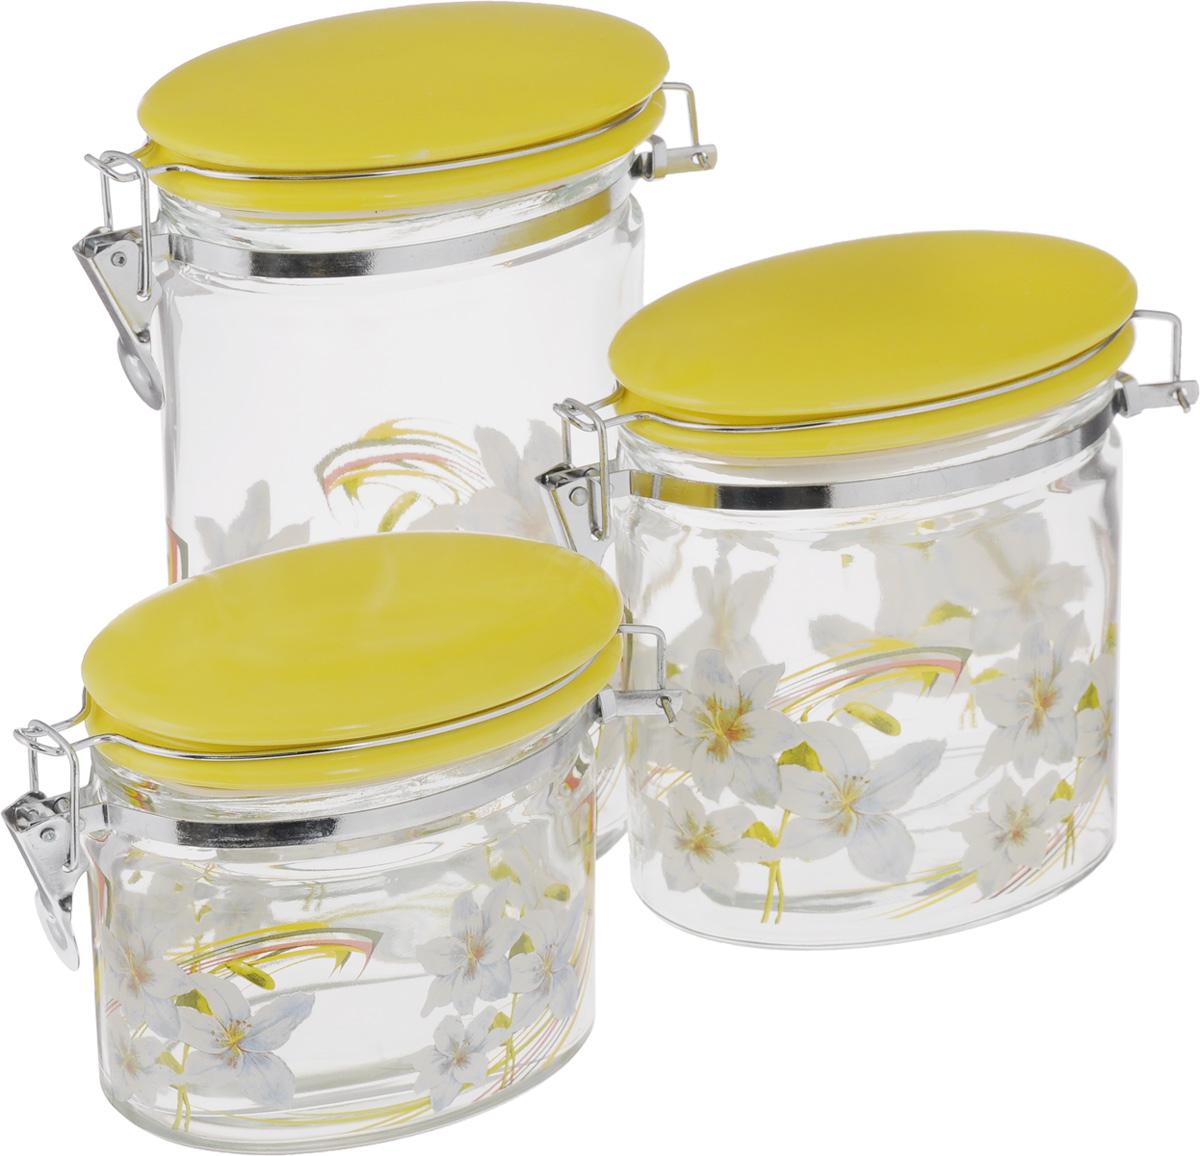 Набор банок для сыпучих продуктов Loraine, цвет: желтый, прозрачный, 3 шт2357_желтый, прозрачныйНабор Loraine состоит из трех банок разного объема, предназначенных для хранения сыпучих продуктов. Изделия выполнены из высококачественного стекла и декорированы изображением цветов. Керамические крышки оснащены специальными металлическими фиксаторами, которые позволяют герметично закрывать емкости и сохранить свежесть продуктов. Банки прекрасно подходят для круп, орехов, сухофруктов, чая, кофе, сахара и многого другого. Оригинальный и необычный дизайн набора Loraine прекрасно впишется в интерьер вашей кухни. А также станет желанным подарком для любой хозяйки. Объем банок: 425 мл; 850 мл; 1,15 л. Размер банок (с учетом фиксаторов): 15,5 х 8 х 12,5 см; 15,5 х 8 х 15,5 см; 15,5 х 8 х 22,5 см.